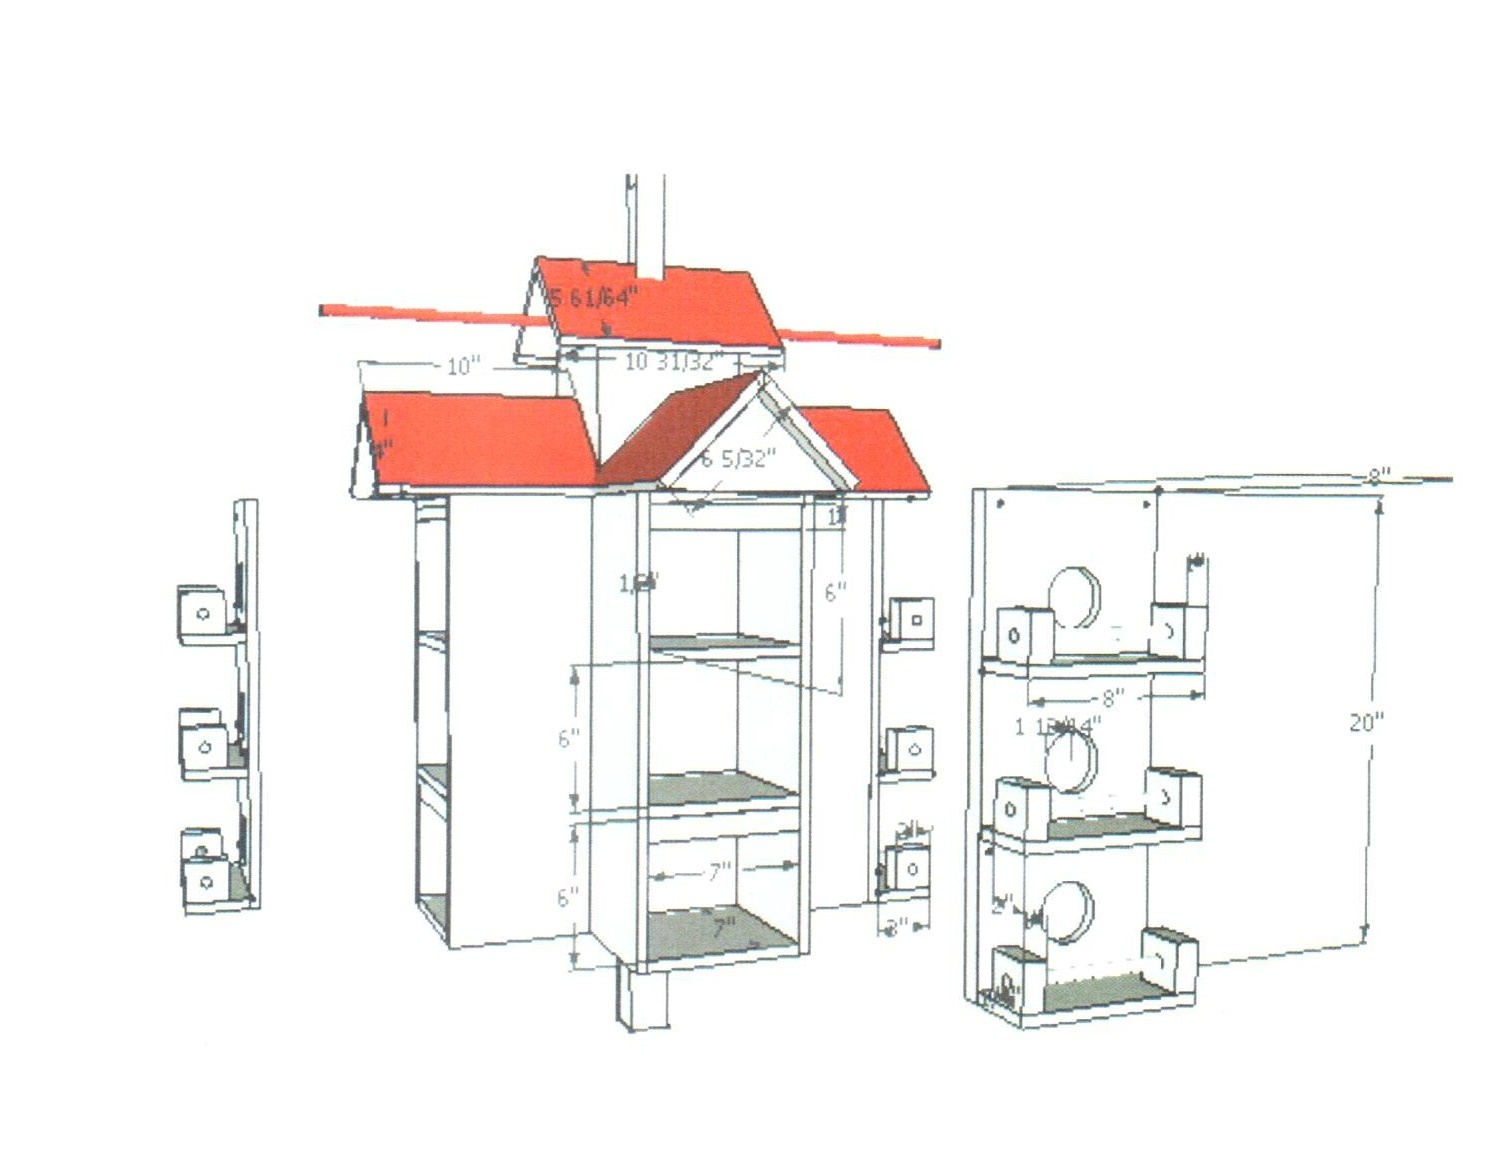 Home Design Ideas. Rondeau House 2. Purple Martin House Plans. Home - Free Printable Purple Martin House Plans